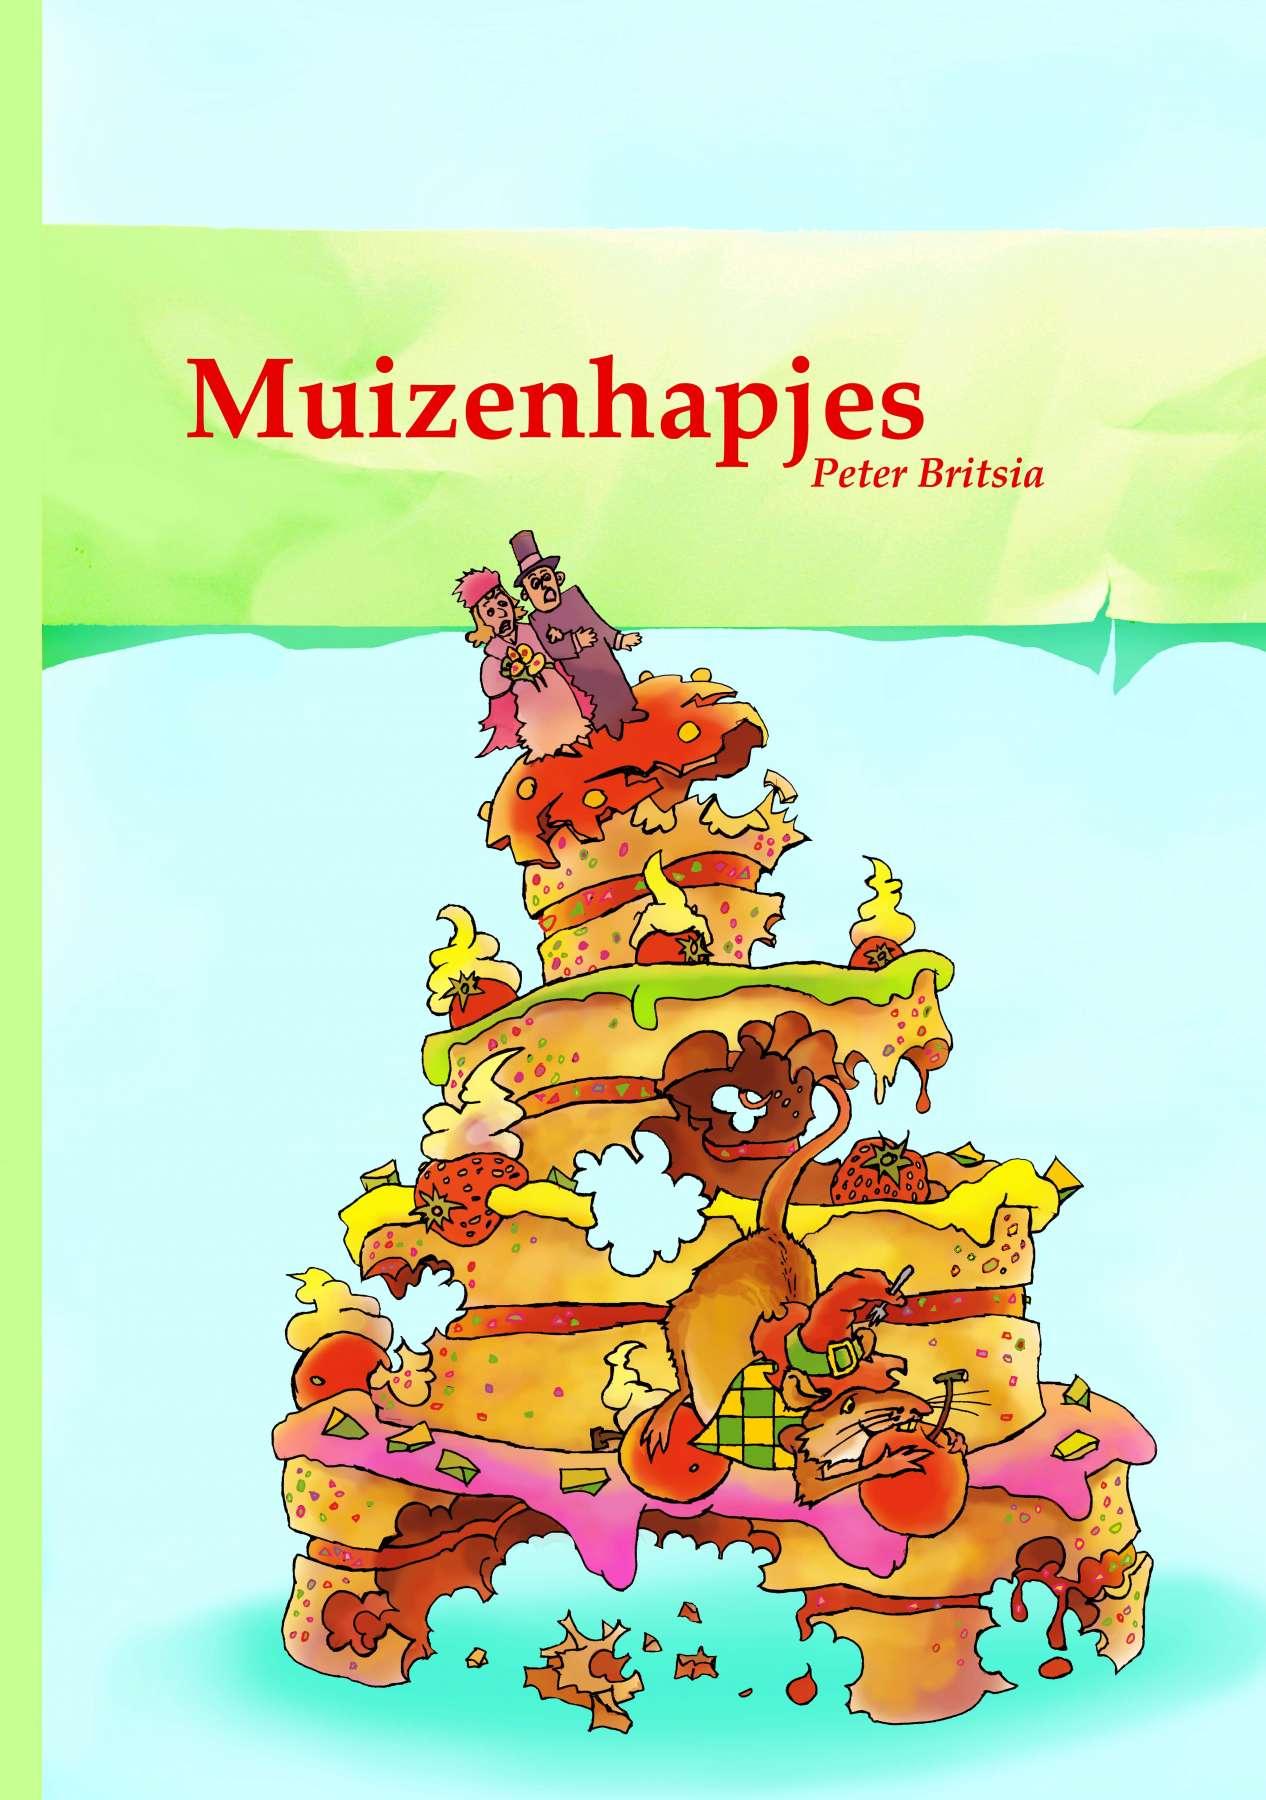 Muizenhapjes - Uitgeverij Maanvis - Leesboek voor 4 - 7 jaar  Tekst en illustraties Peter Britsia.